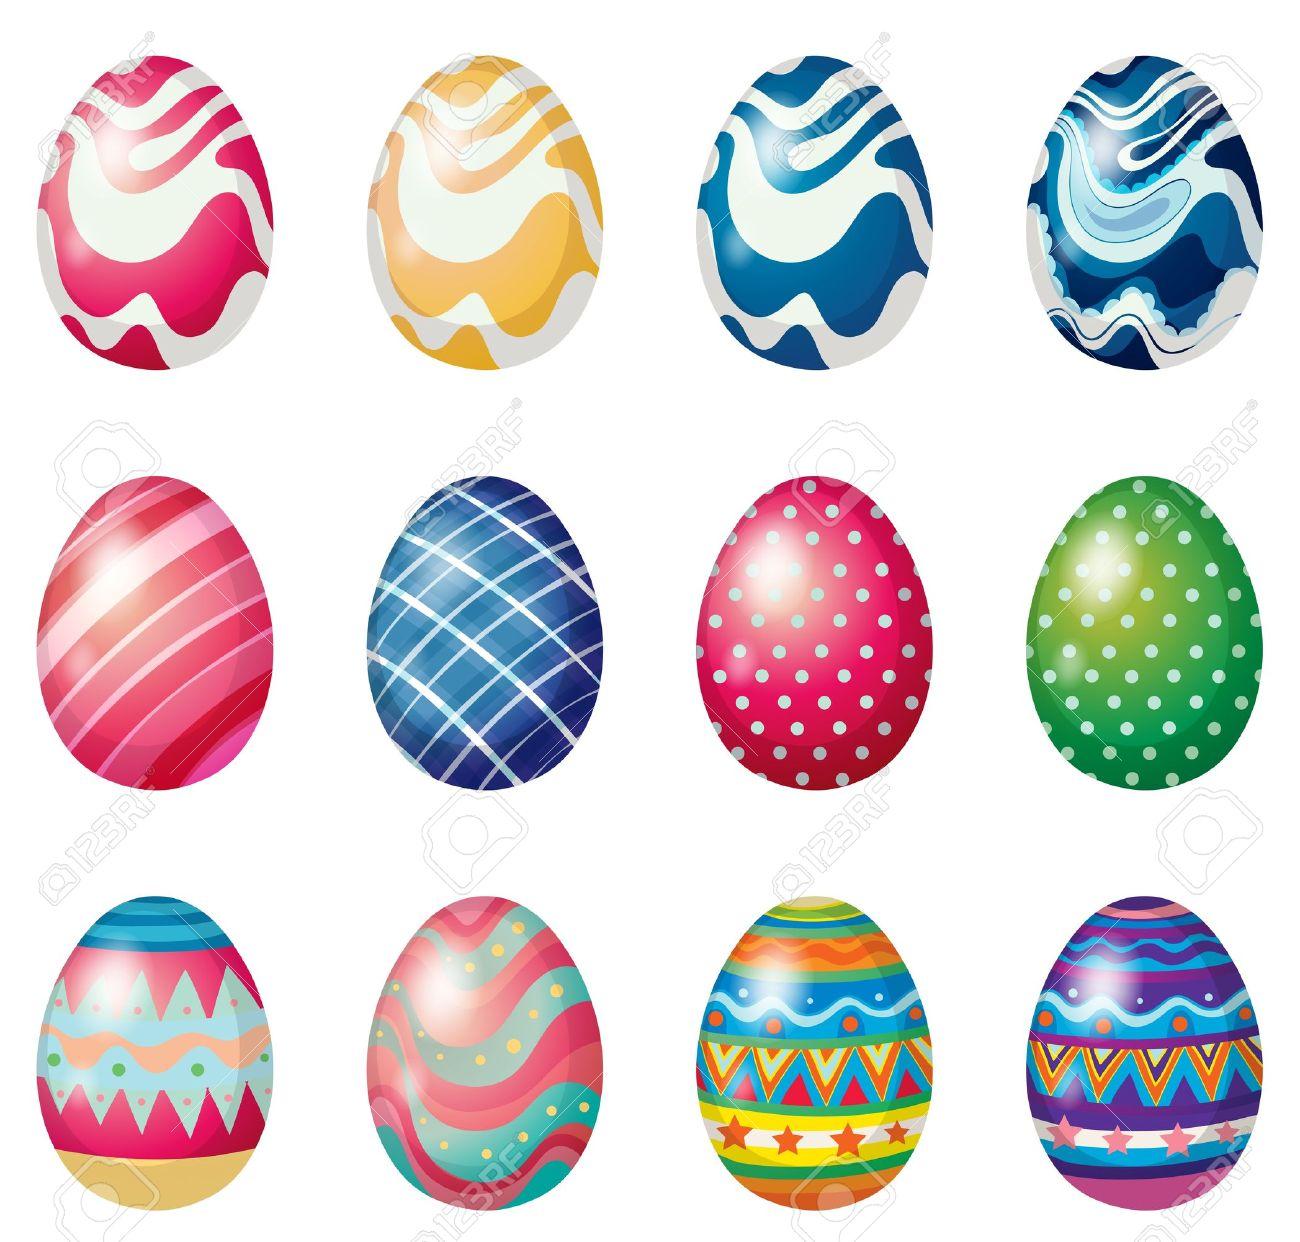 Illustration Of The Easter Eggs For The Easter Sunday Egg Hunt ... for Easter Egg Hunt Clipart  565ane